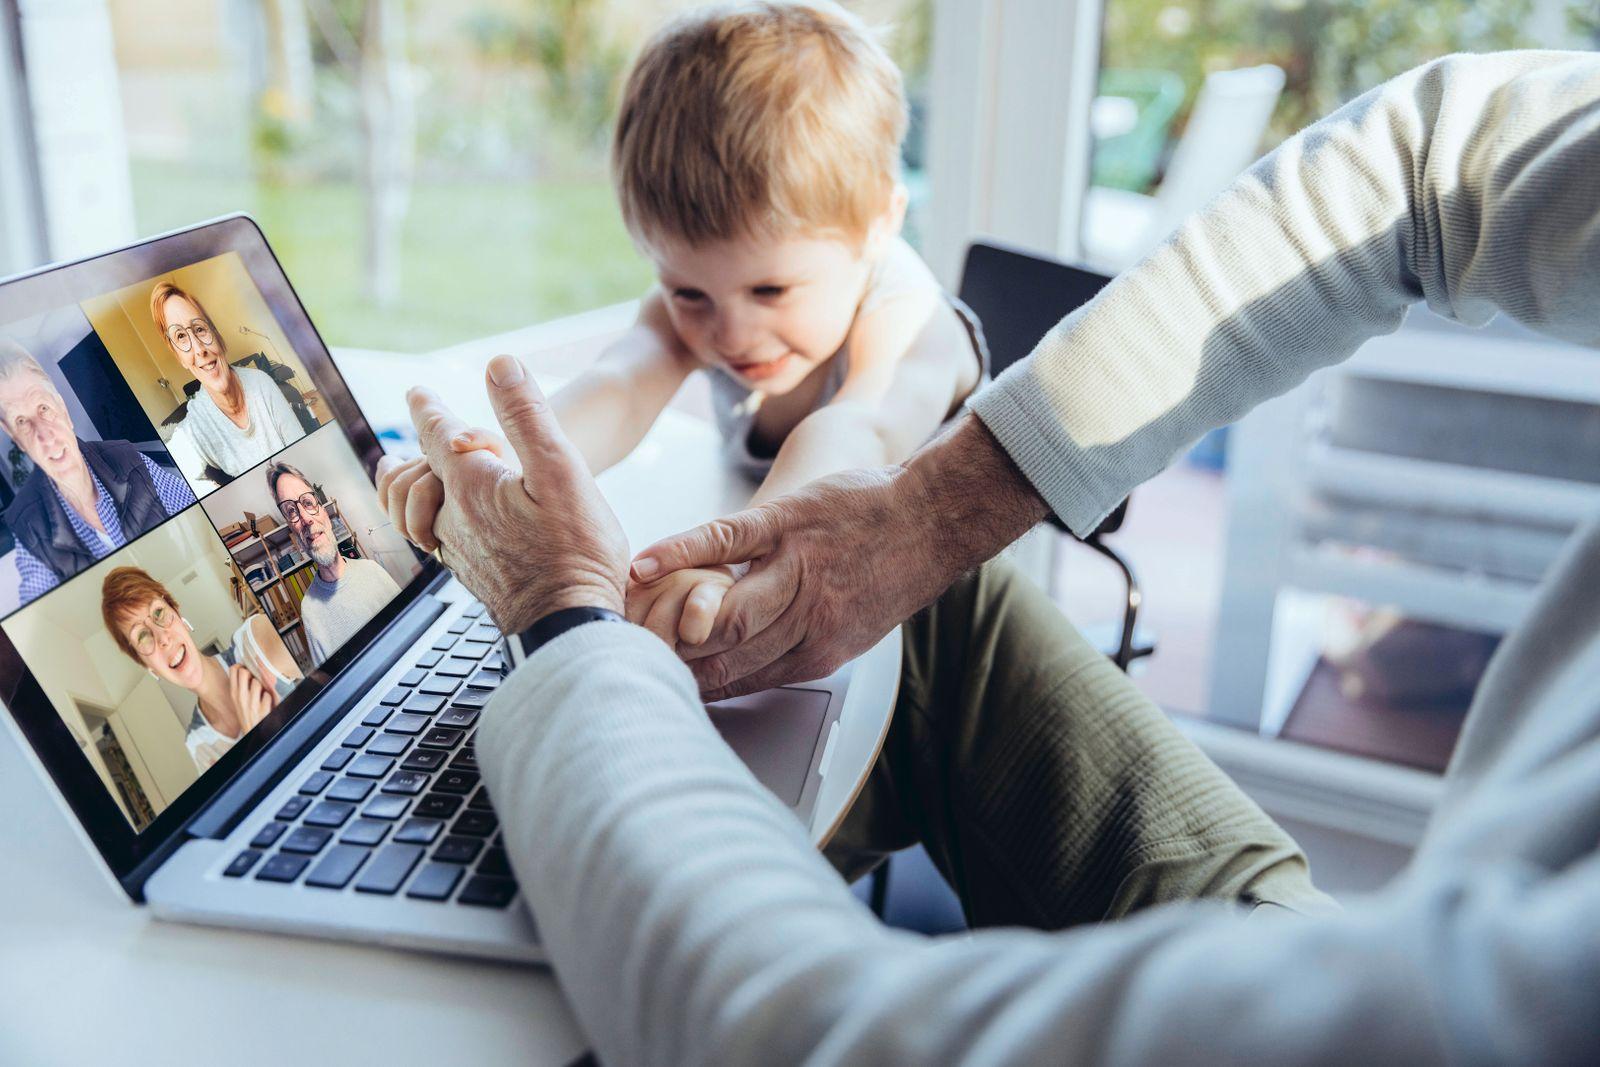 Kind stört Videokonferenz